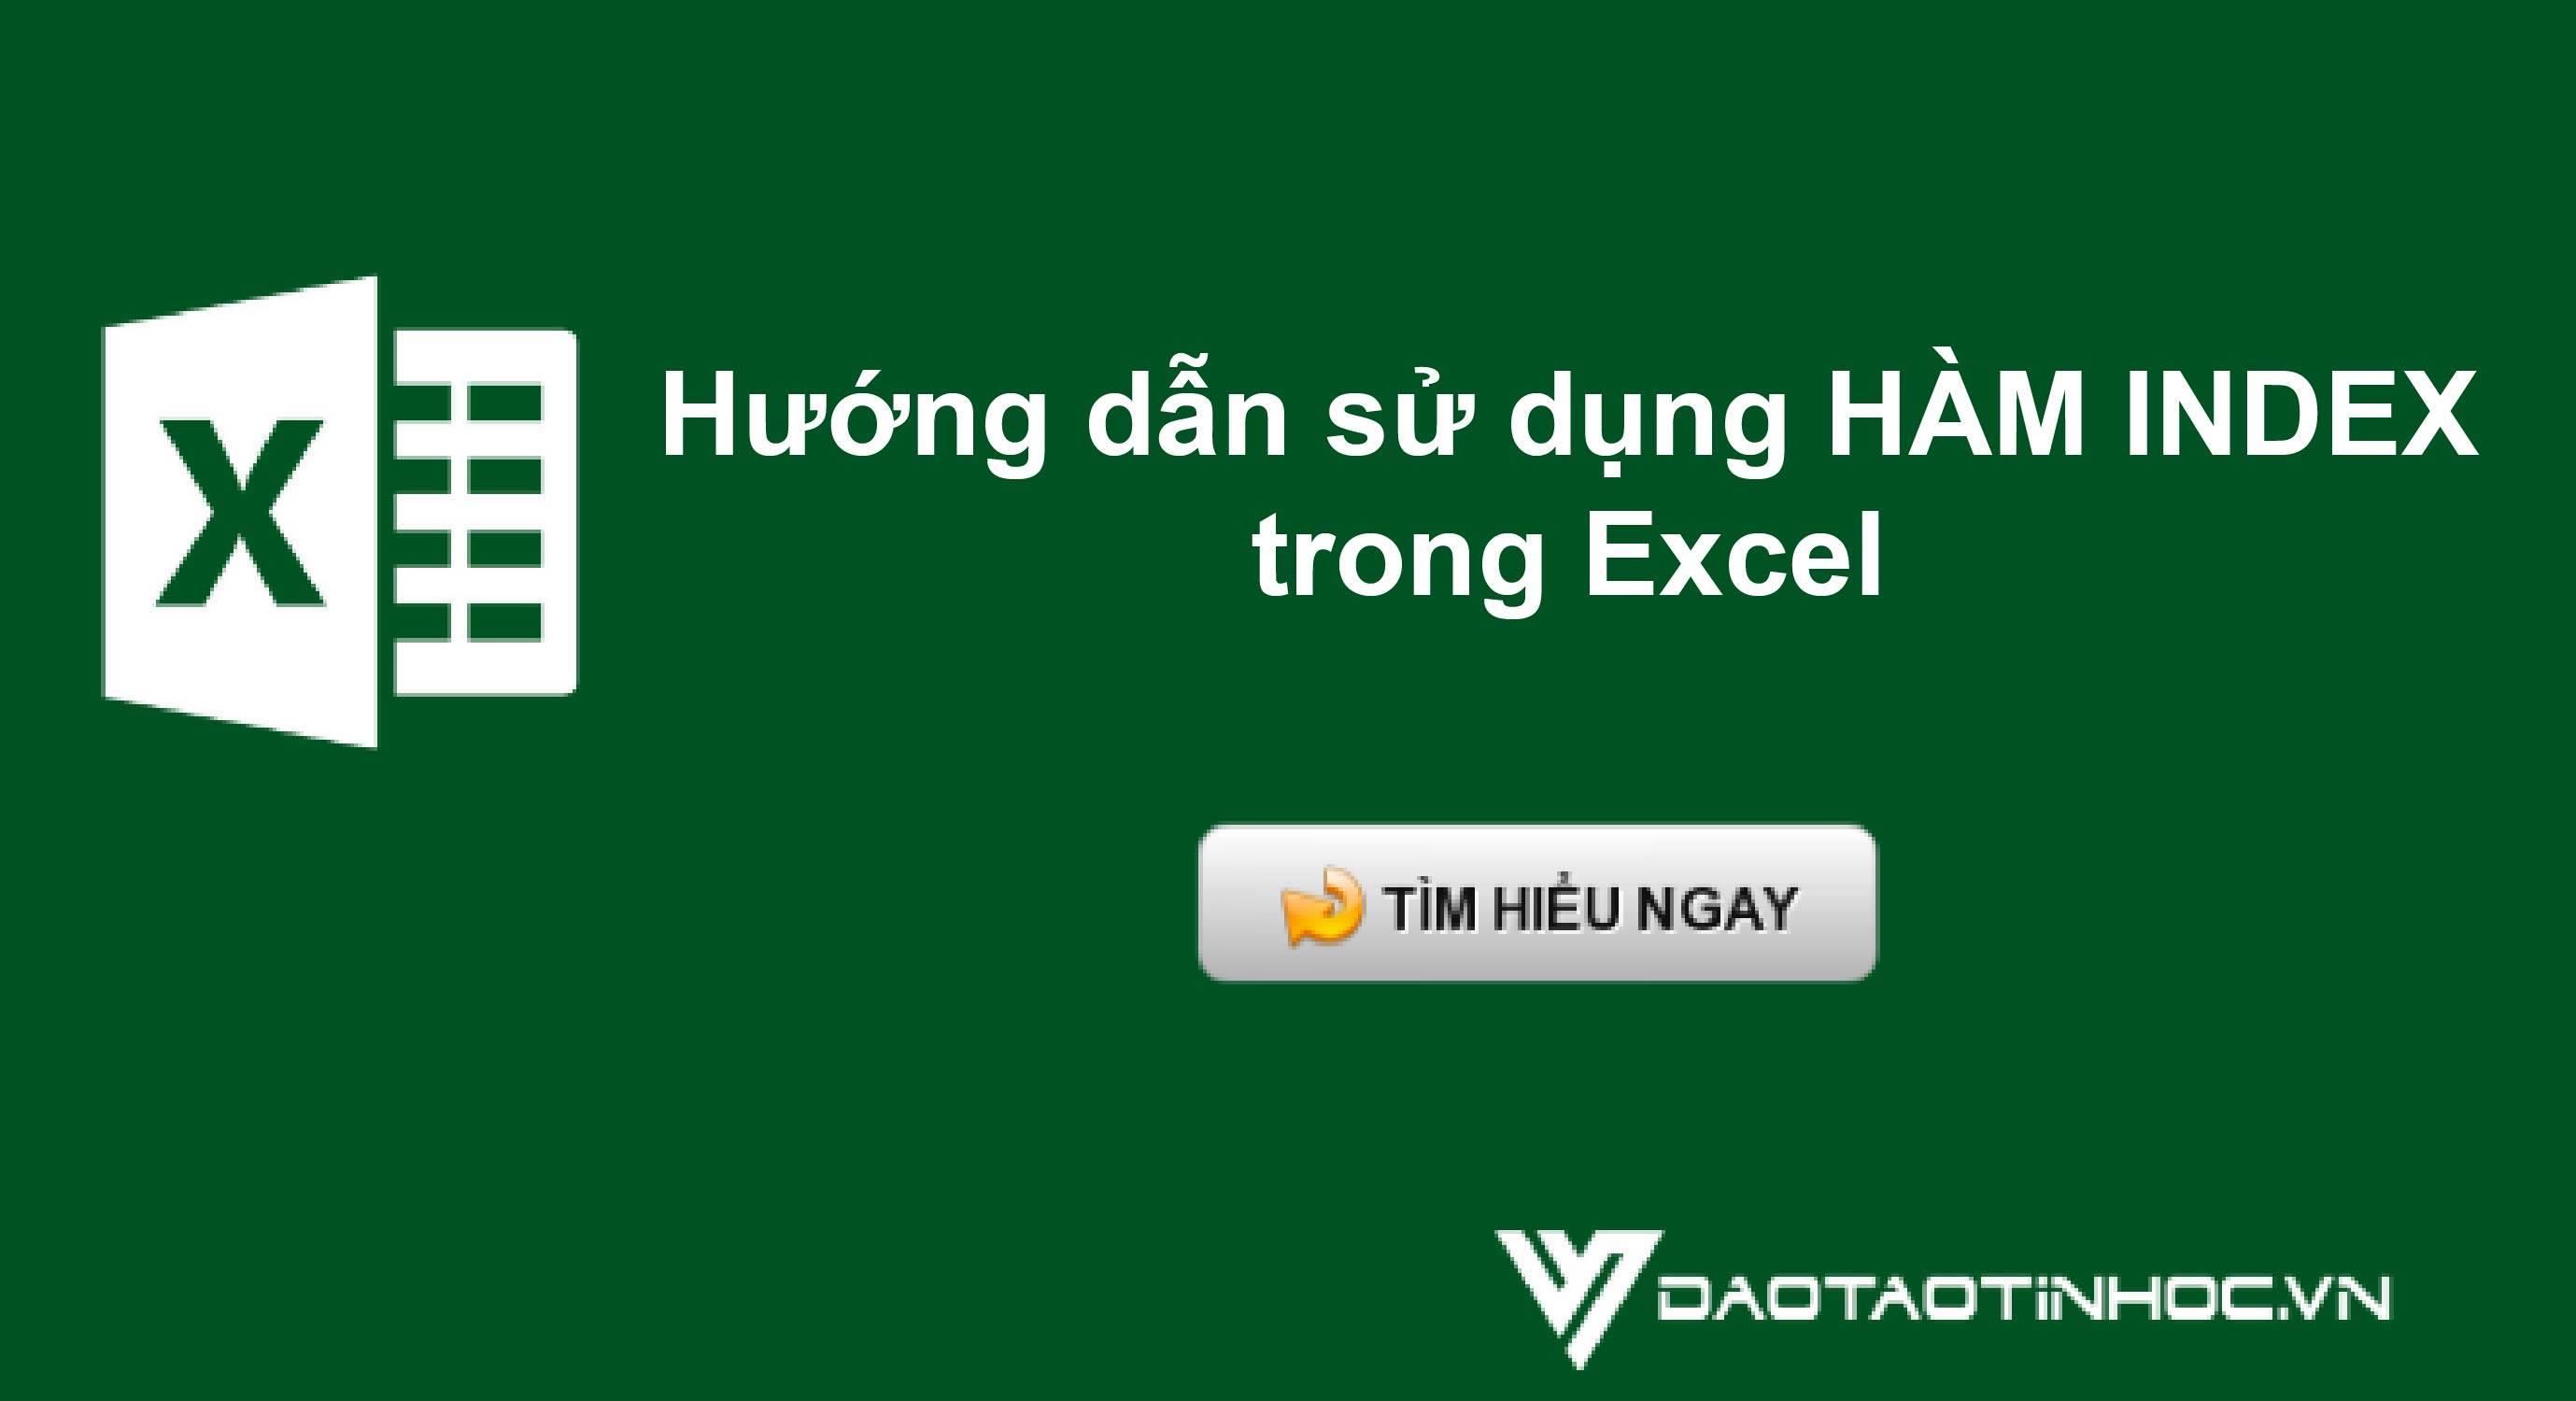 Hướng dẫn sử dụng hàm INDEX trong Excel